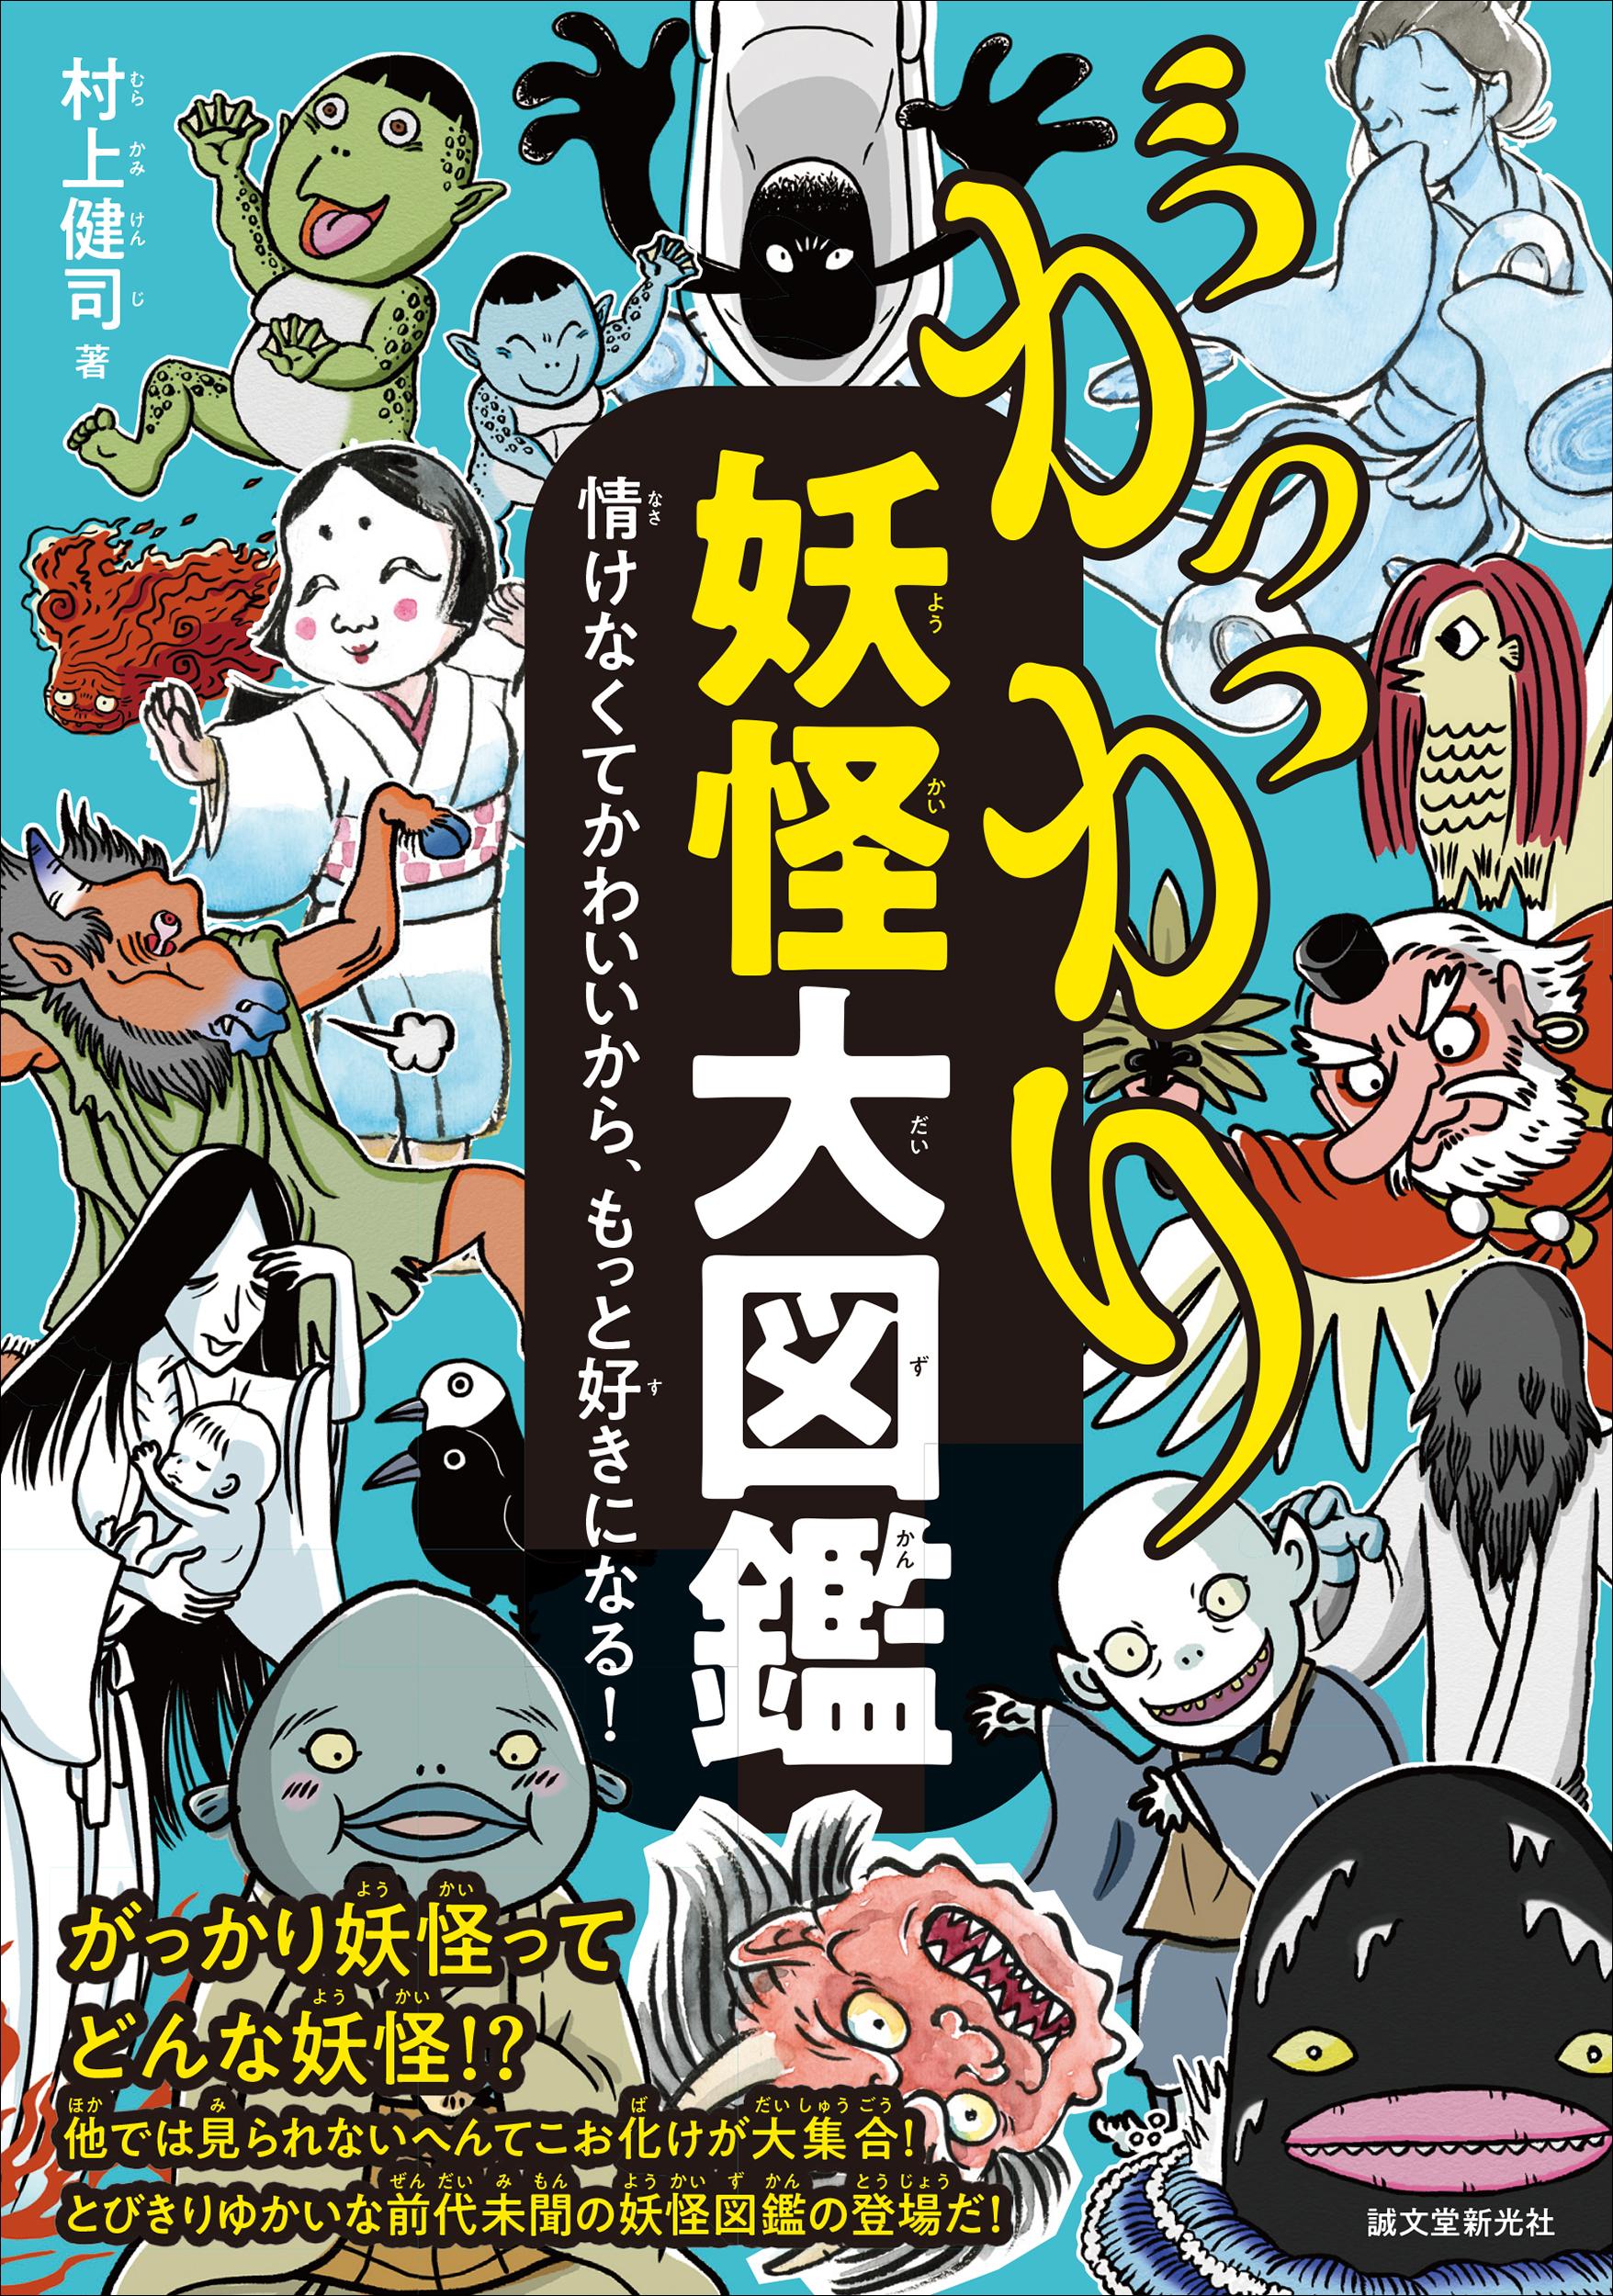 この夏は妖怪が好きになってしまうかも? 日本各地に伝わるトホホな奴らが大集合「がっかり妖怪図鑑」